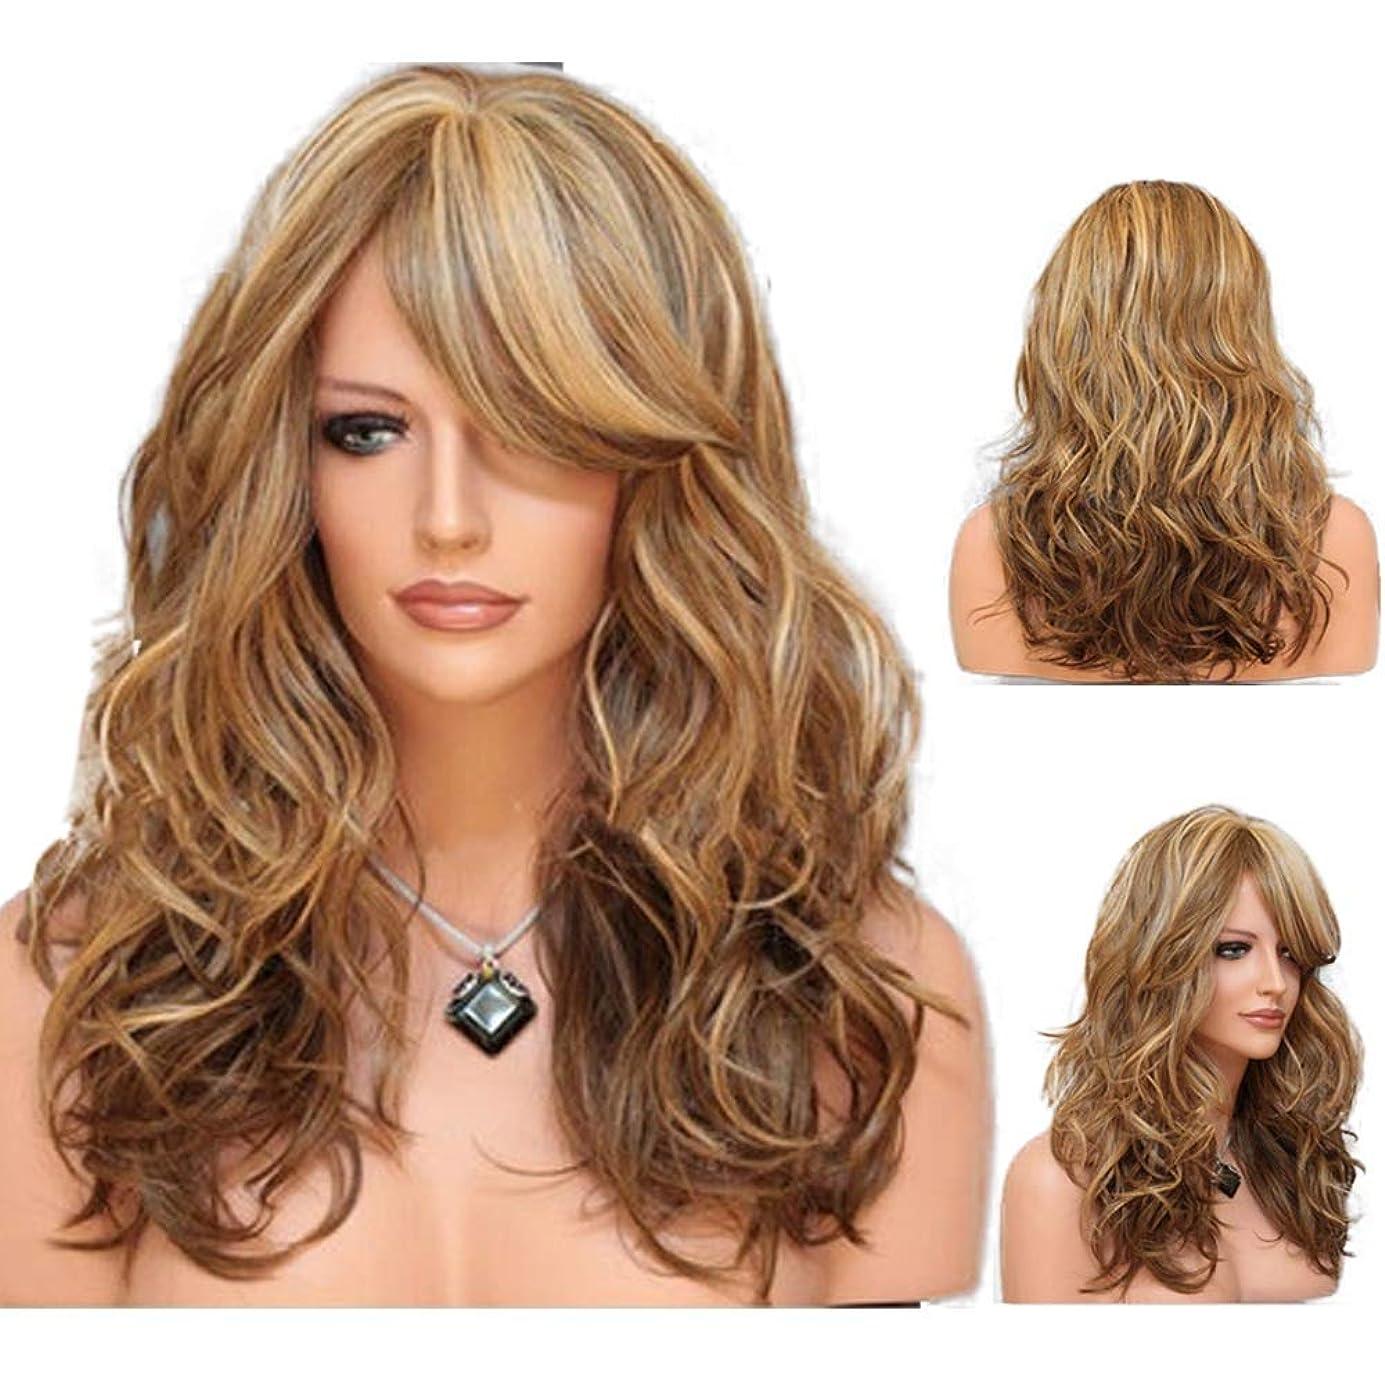 排泄物褒賞同化する女性の長い巻き毛の波状髪のかつら24インチ魅力的な熱にやさしい人工毛交換かつらハロウィンコスプレ衣装アニメパーティーかつら(かつらキャップ付き) (Color : Brown)